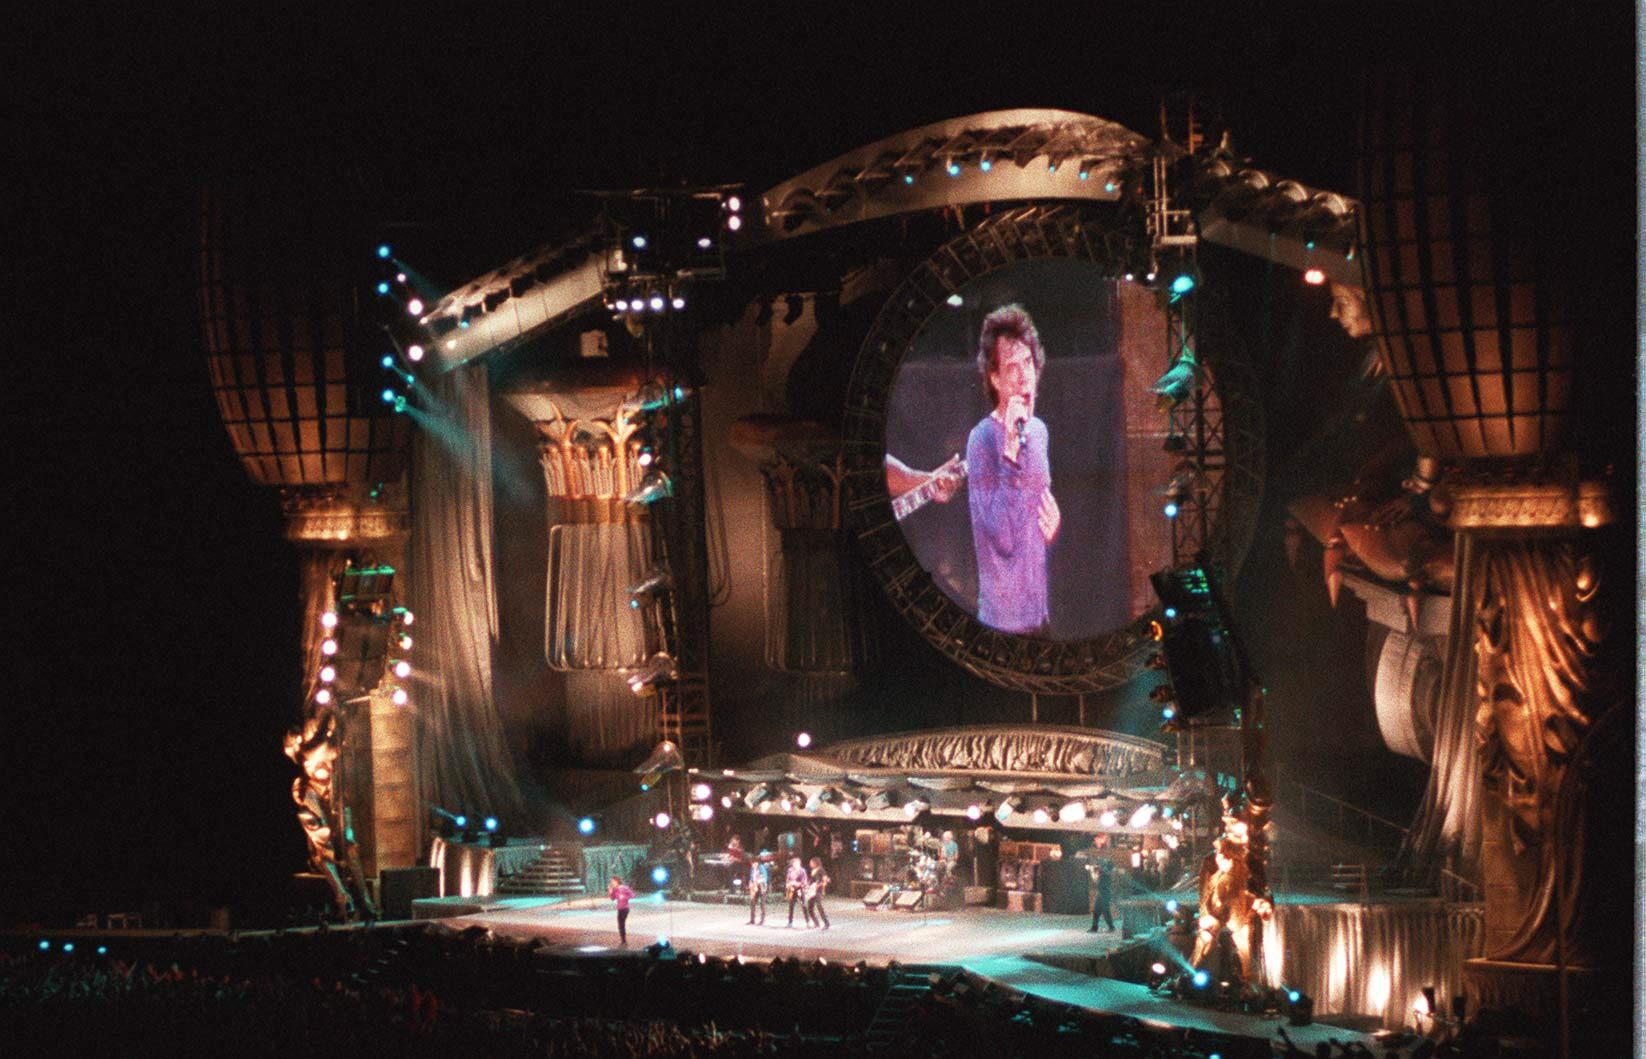 El concierto de los Rolling Stones en Málaga en 1998, en imágenes